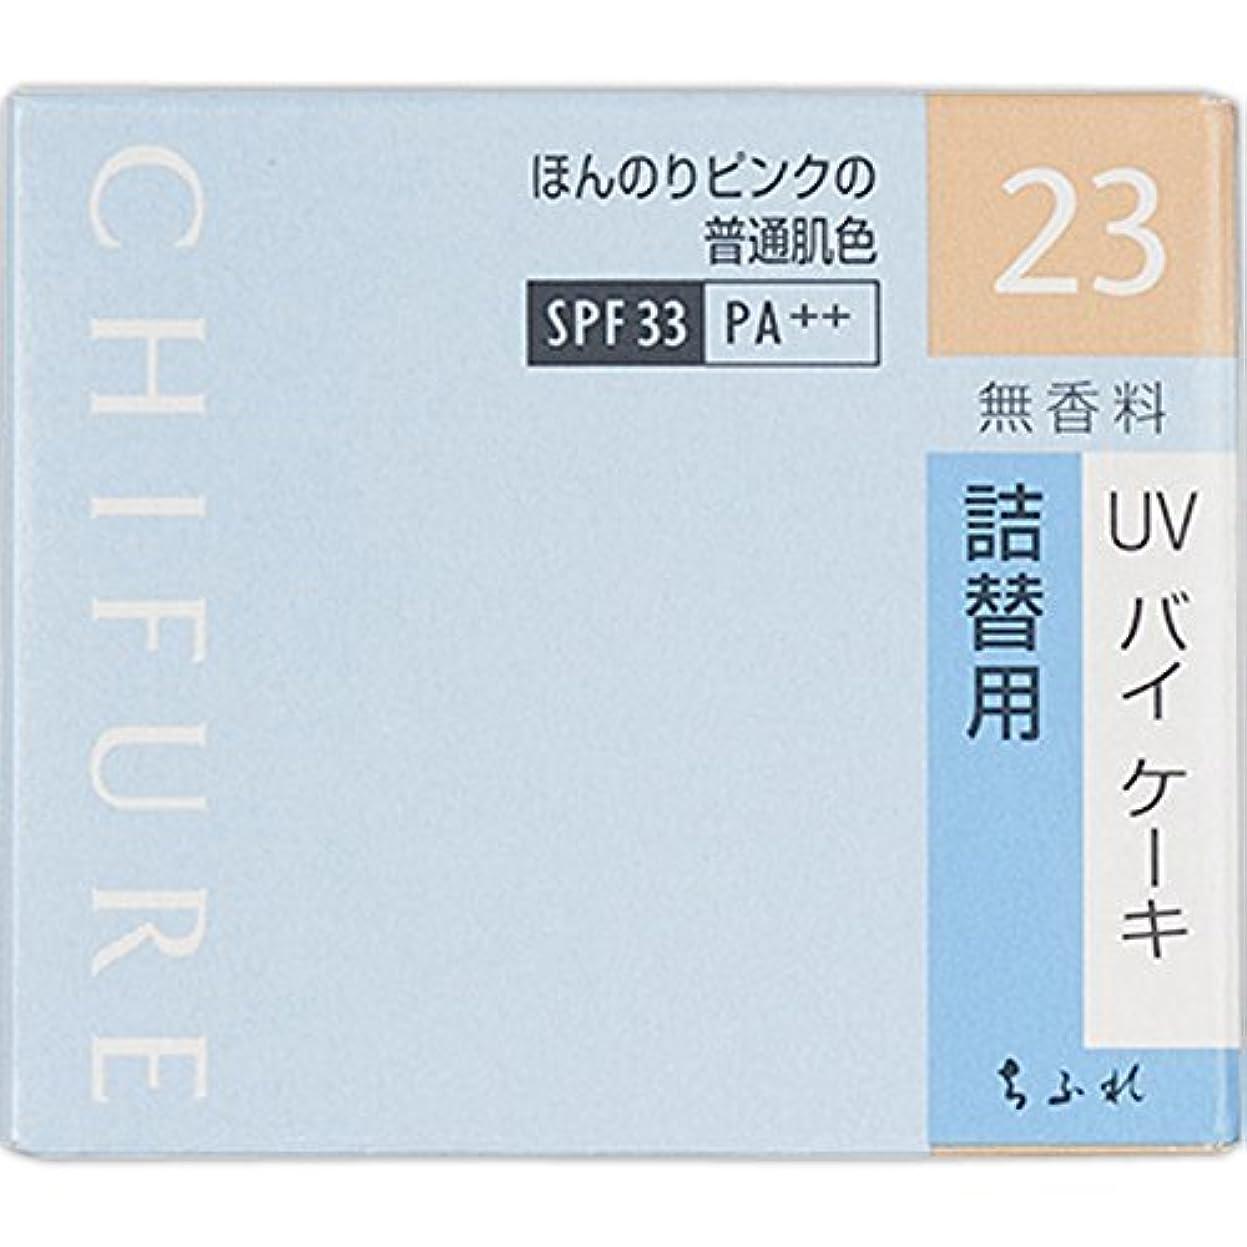 チューリップピジン醸造所ちふれ化粧品 UV バイ ケーキ 詰替用 23 ほんのりピンク普通肌色 14g